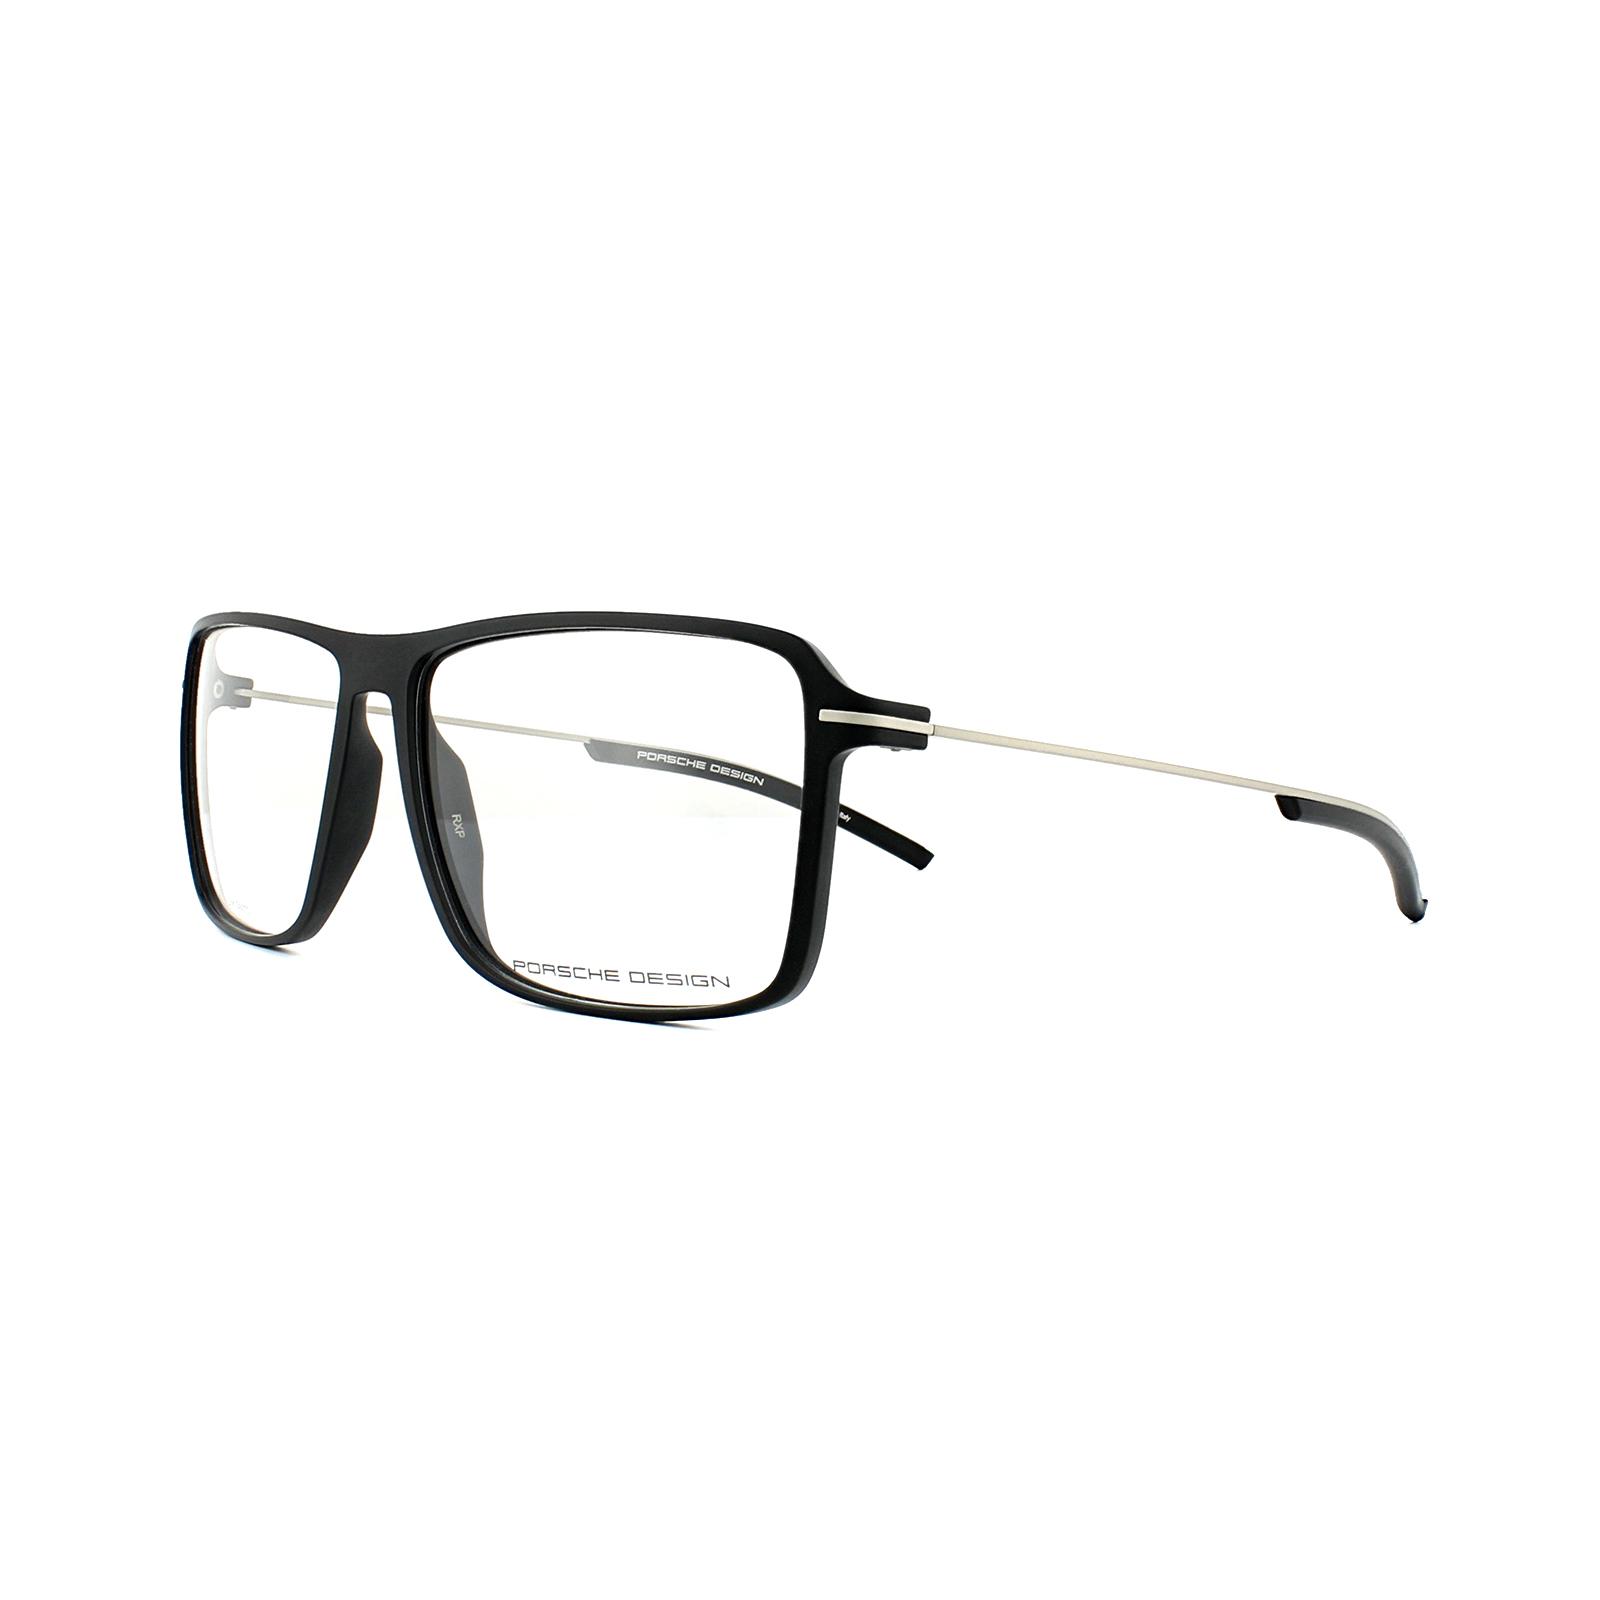 95944981839 Details about Porsche Design Glasses Frames P8295 A Black Men